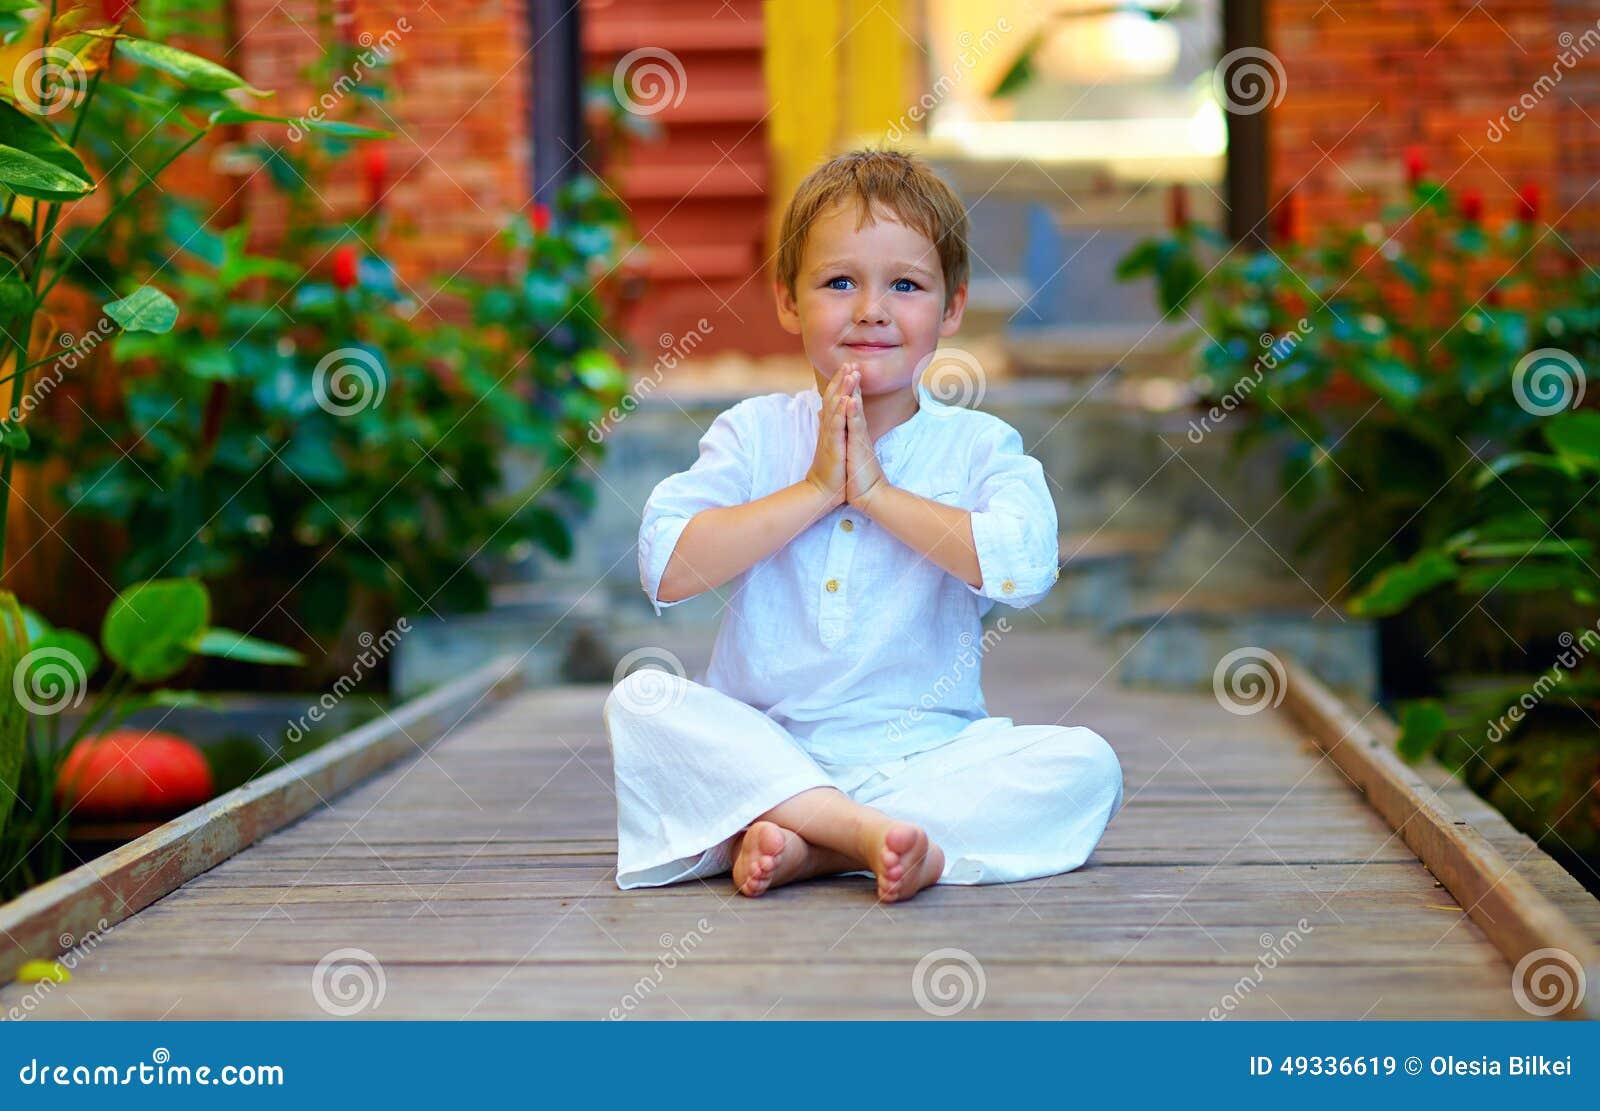 Netter Junge, der versucht, innere Balance in der Meditation zu finden